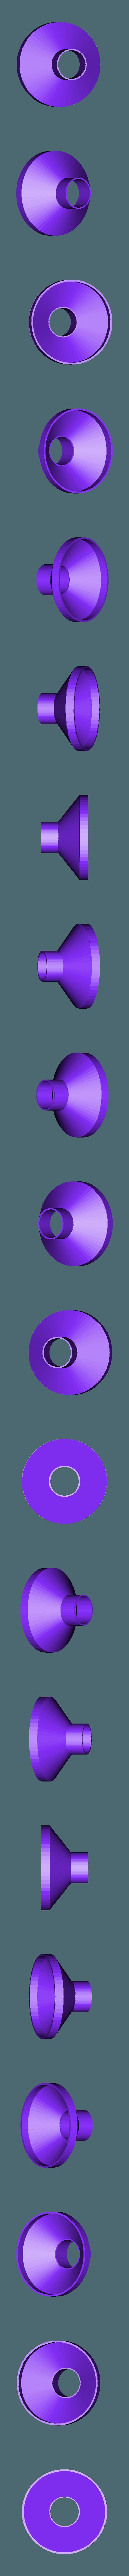 Refill-Funnel_0.25res_100.stl Télécharger fichier STL gratuit Boîtes de chewing-gum pour porte-gobelet de voiture • Plan pour impression 3D, stibo